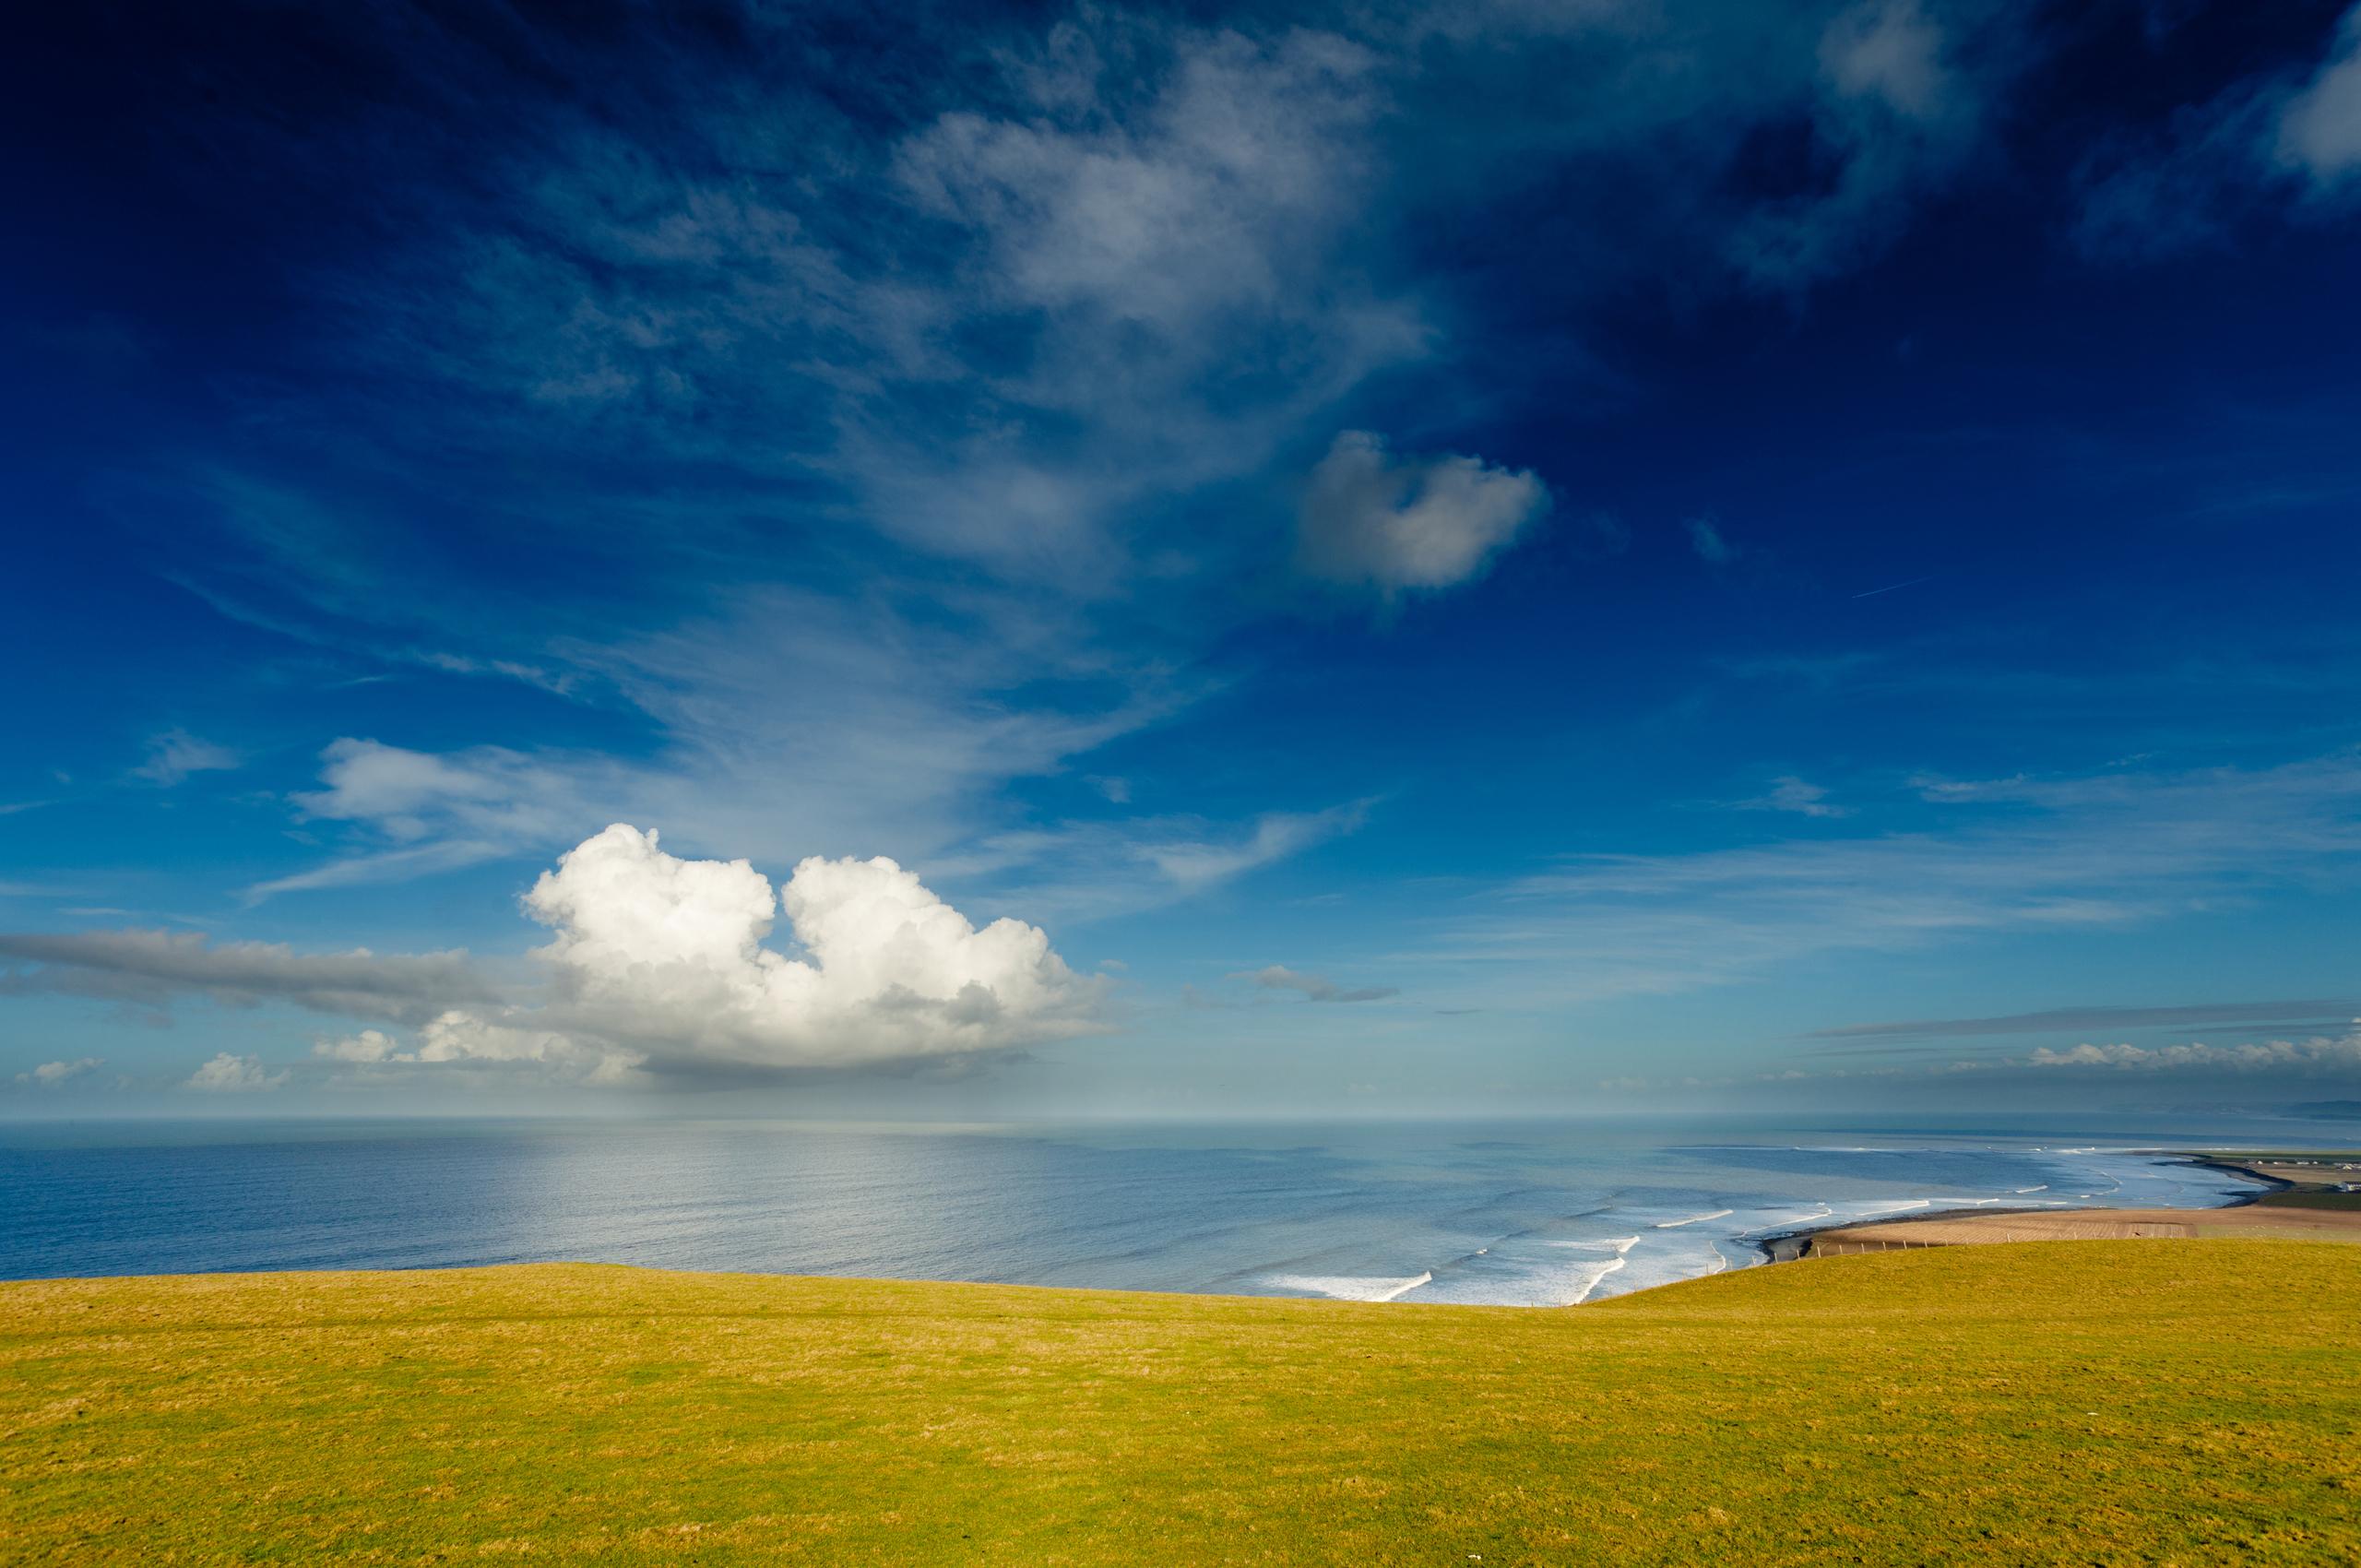 природа море солнце горизонт небо облака  № 717719 бесплатно